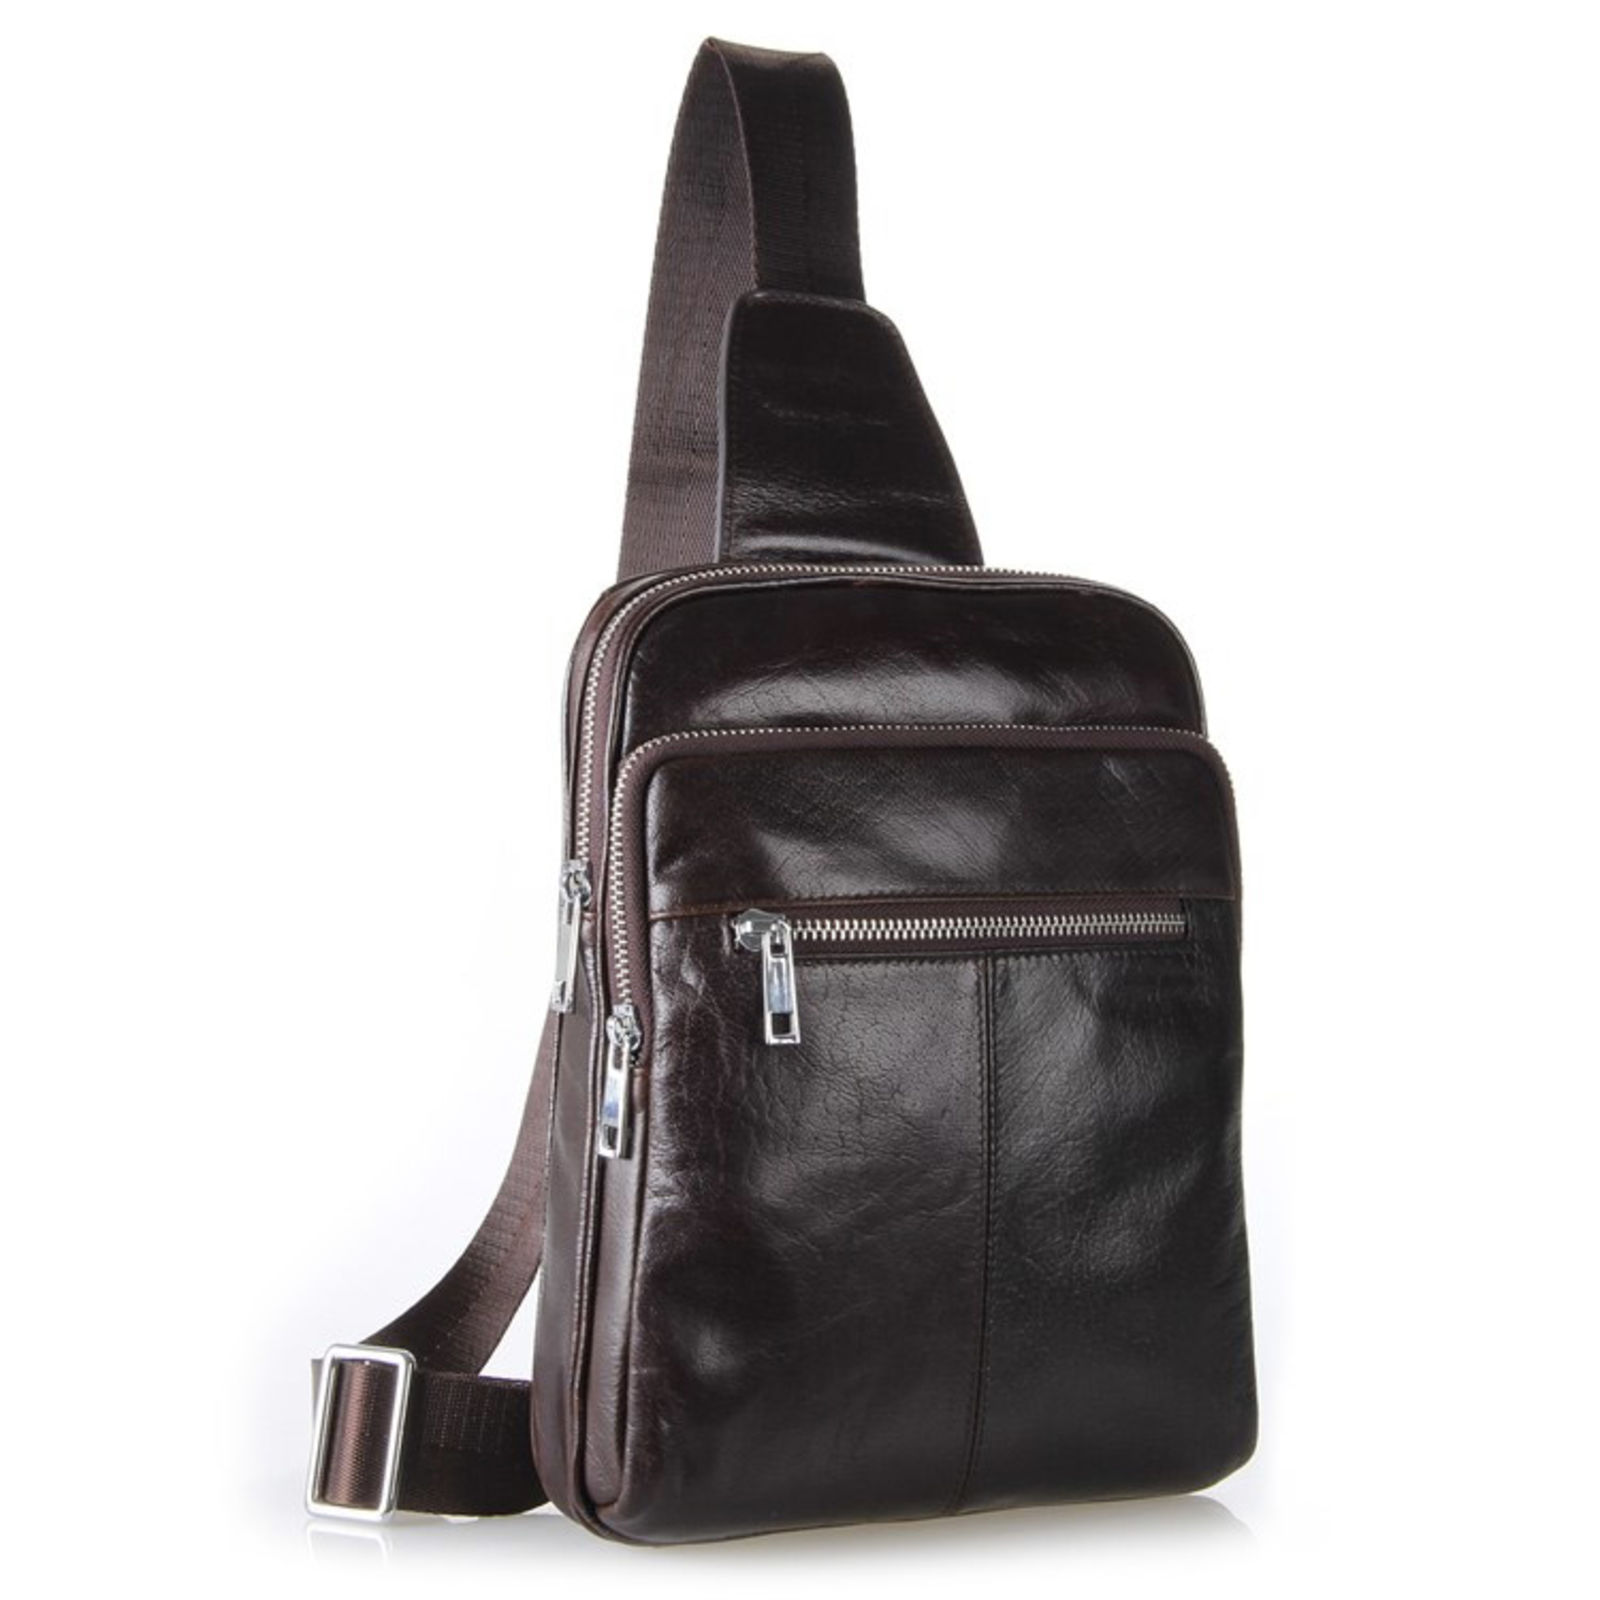 Sac d 39 paule marron fonc manitoch port gratuit delton bags - Trend corner frais de port gratuit ...